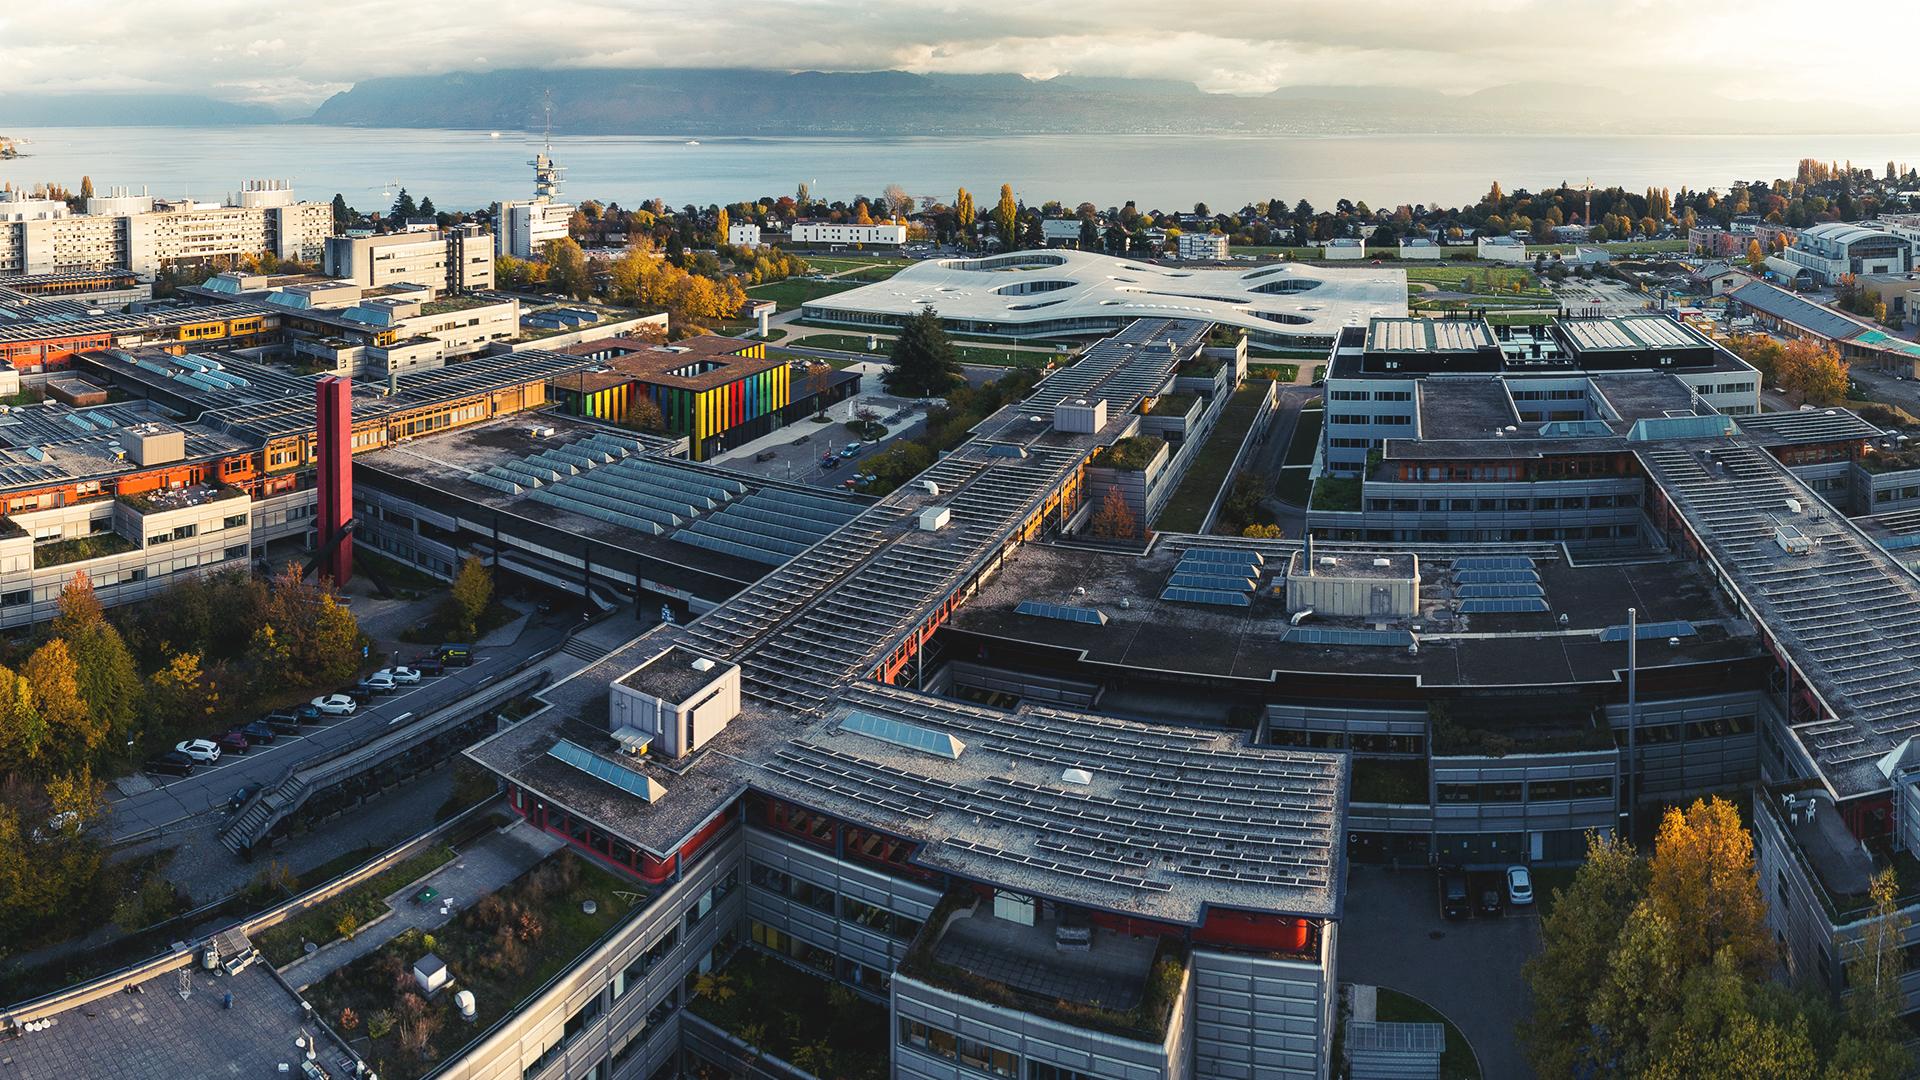 EPFL view © Bob de Graffenried